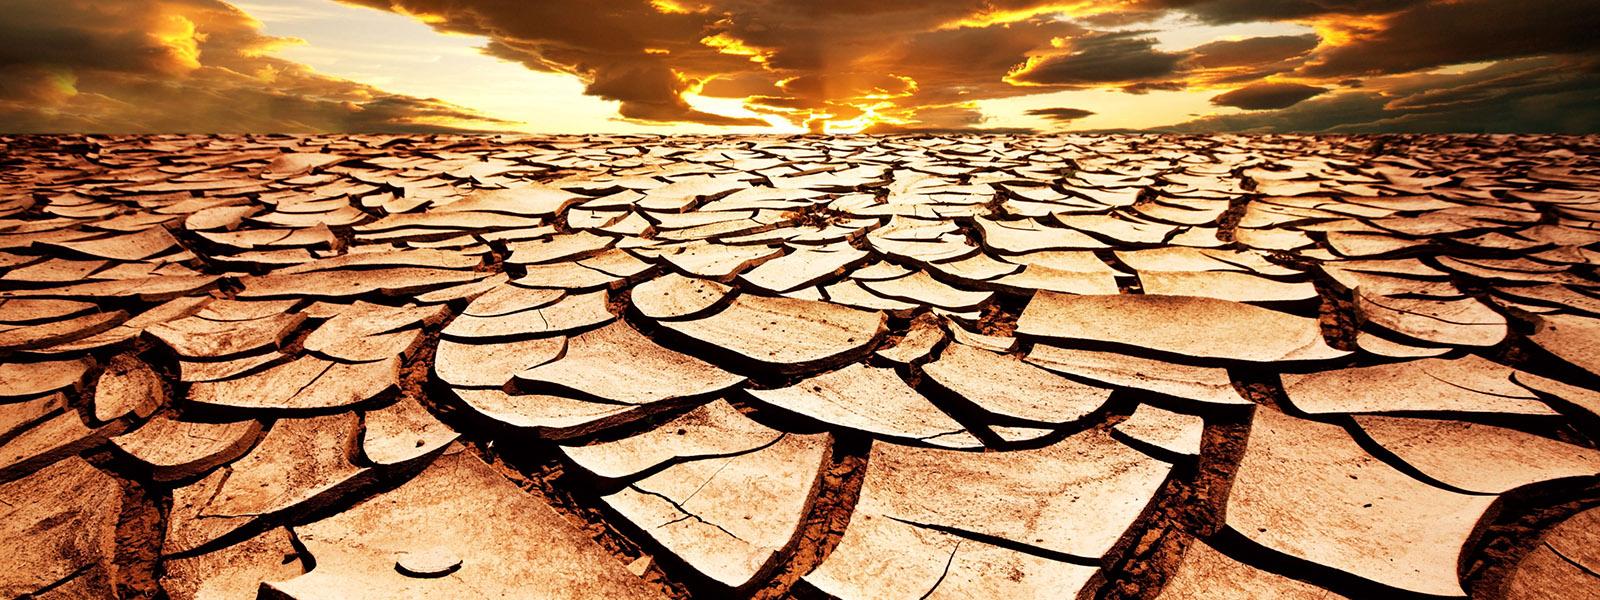 La paura oscura della fame futura, tra certezze infondate di sciamani e gli scienziati messi in un angolo